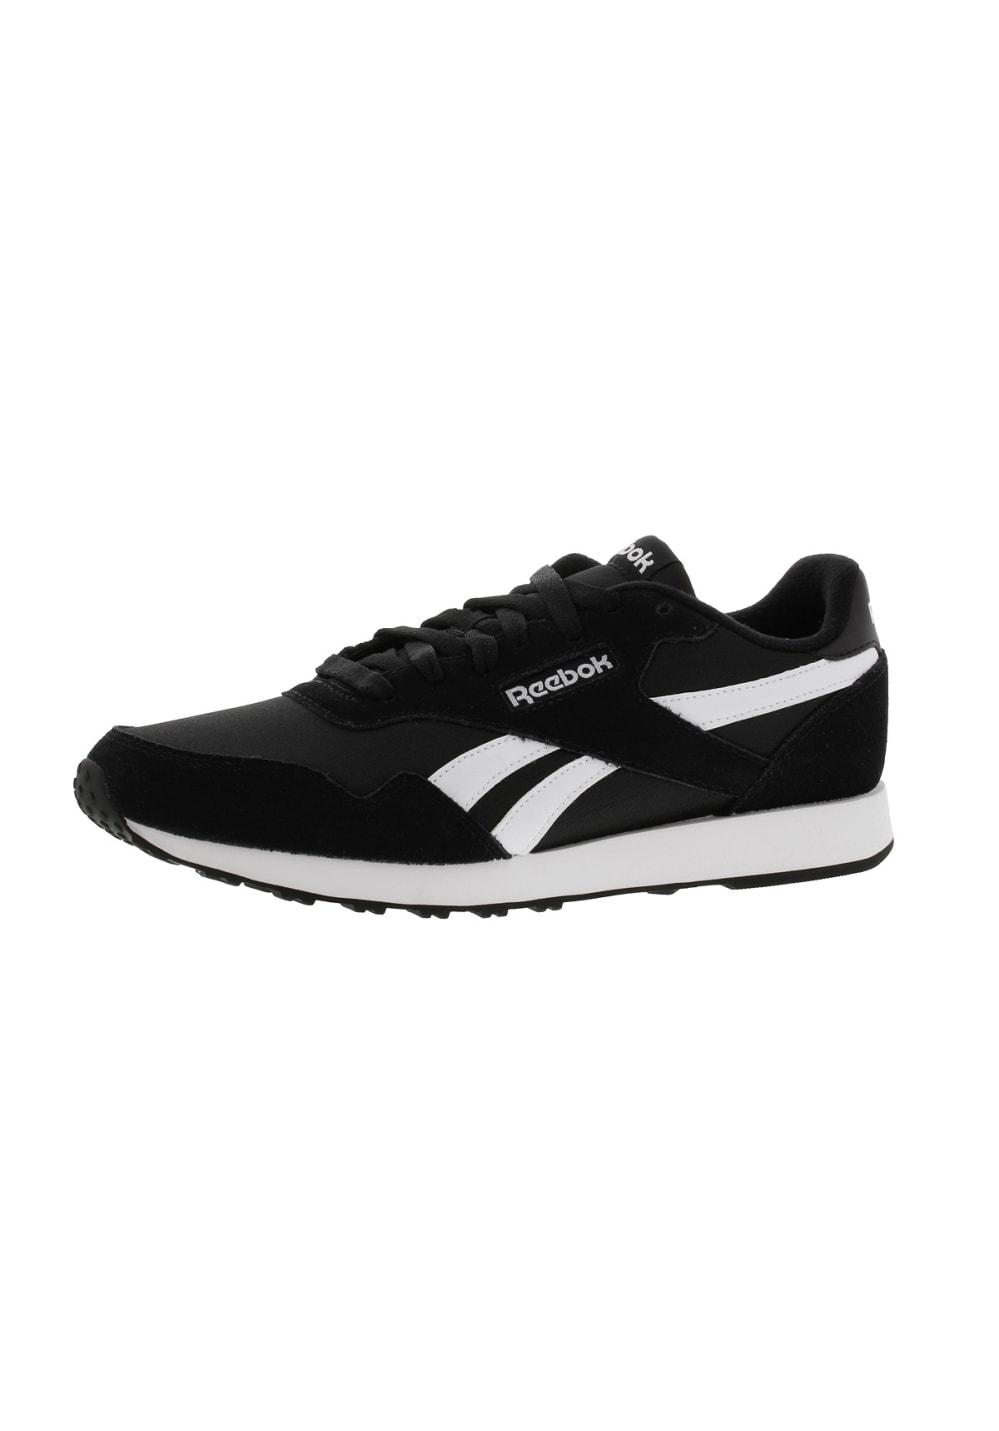 Reebok Royal Ultra - Sneaker für Herren - Schwarz, Gr. 42